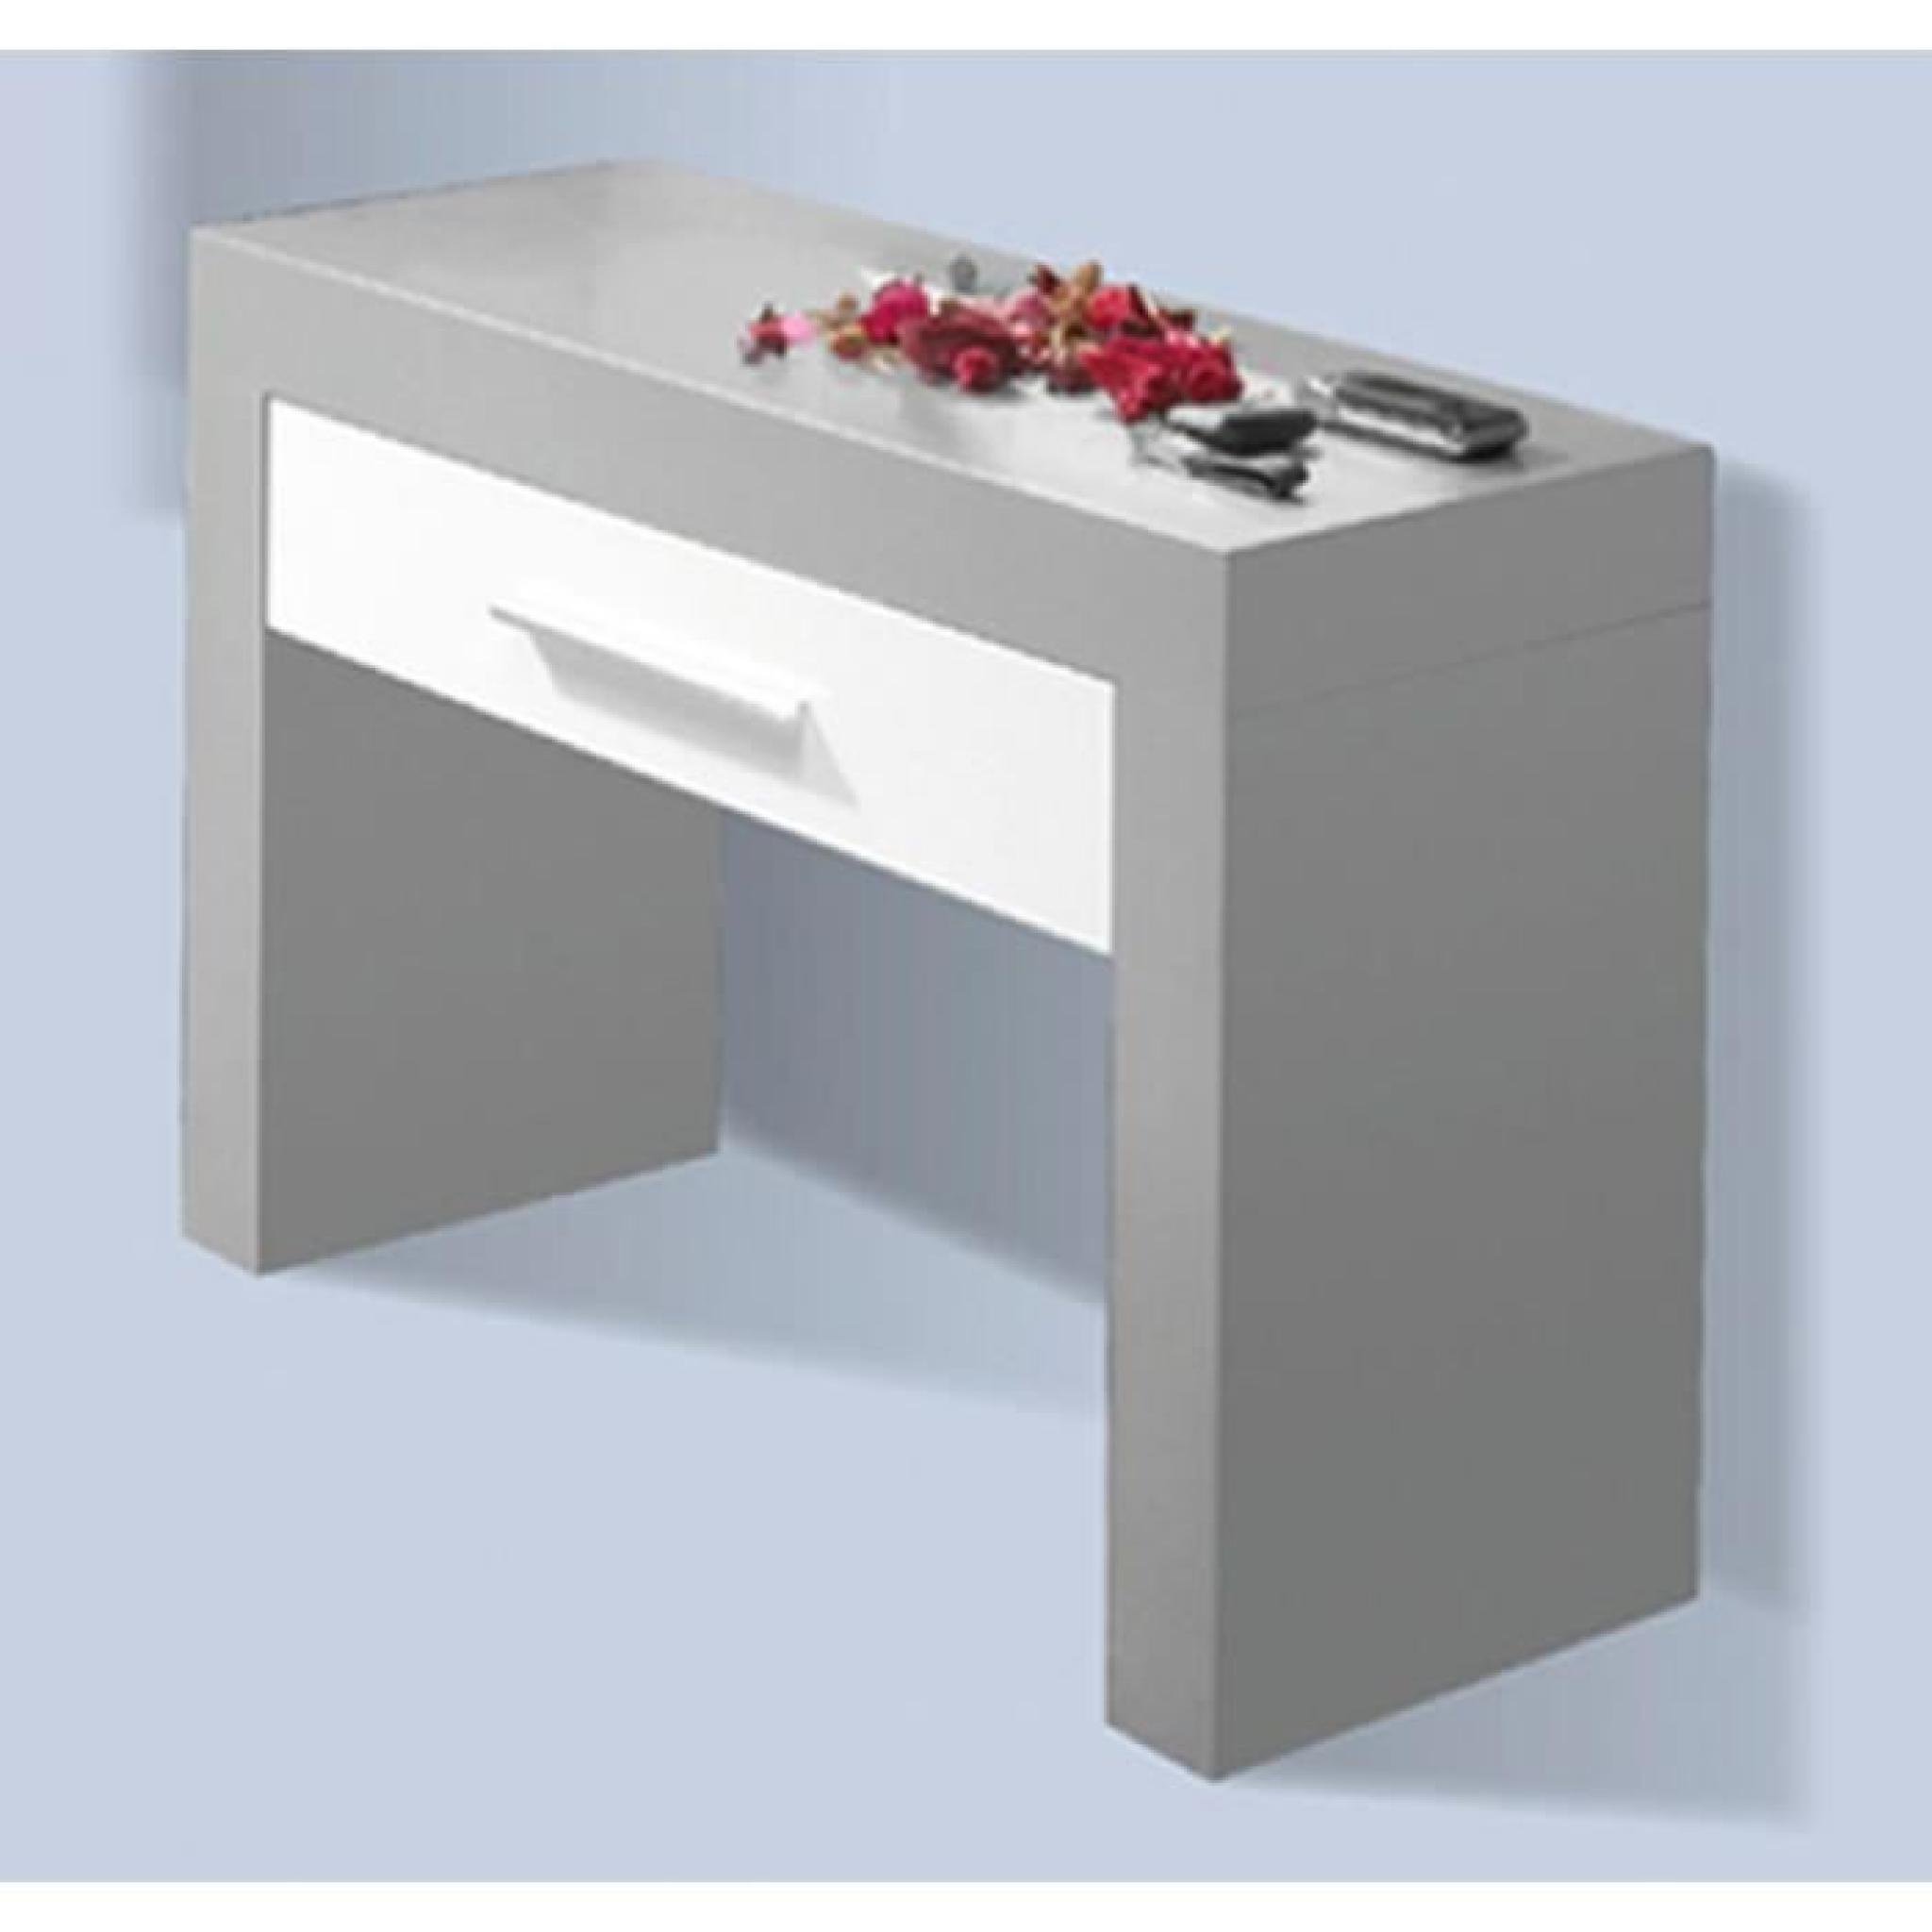 Console d'Entrée avec 1 tiroir en MDF, 47 x 70 x 27 cm